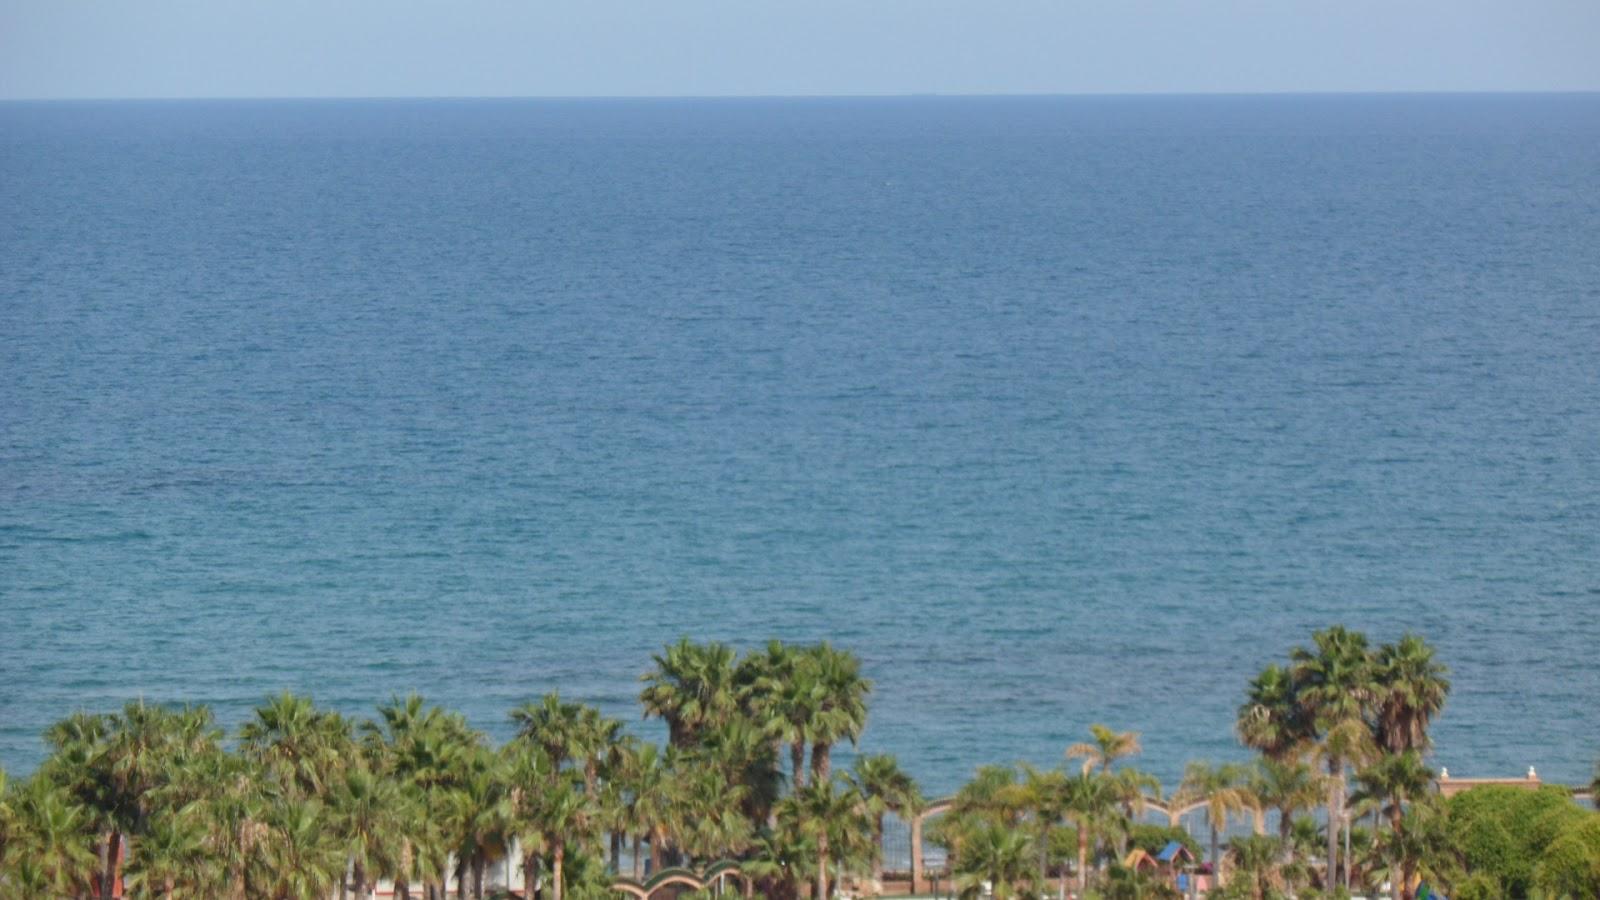 Alquilar apartamento en la playa primer ba o del verano en la playa de marina d or vacaciones - Alquilar apartamento marina dor ...